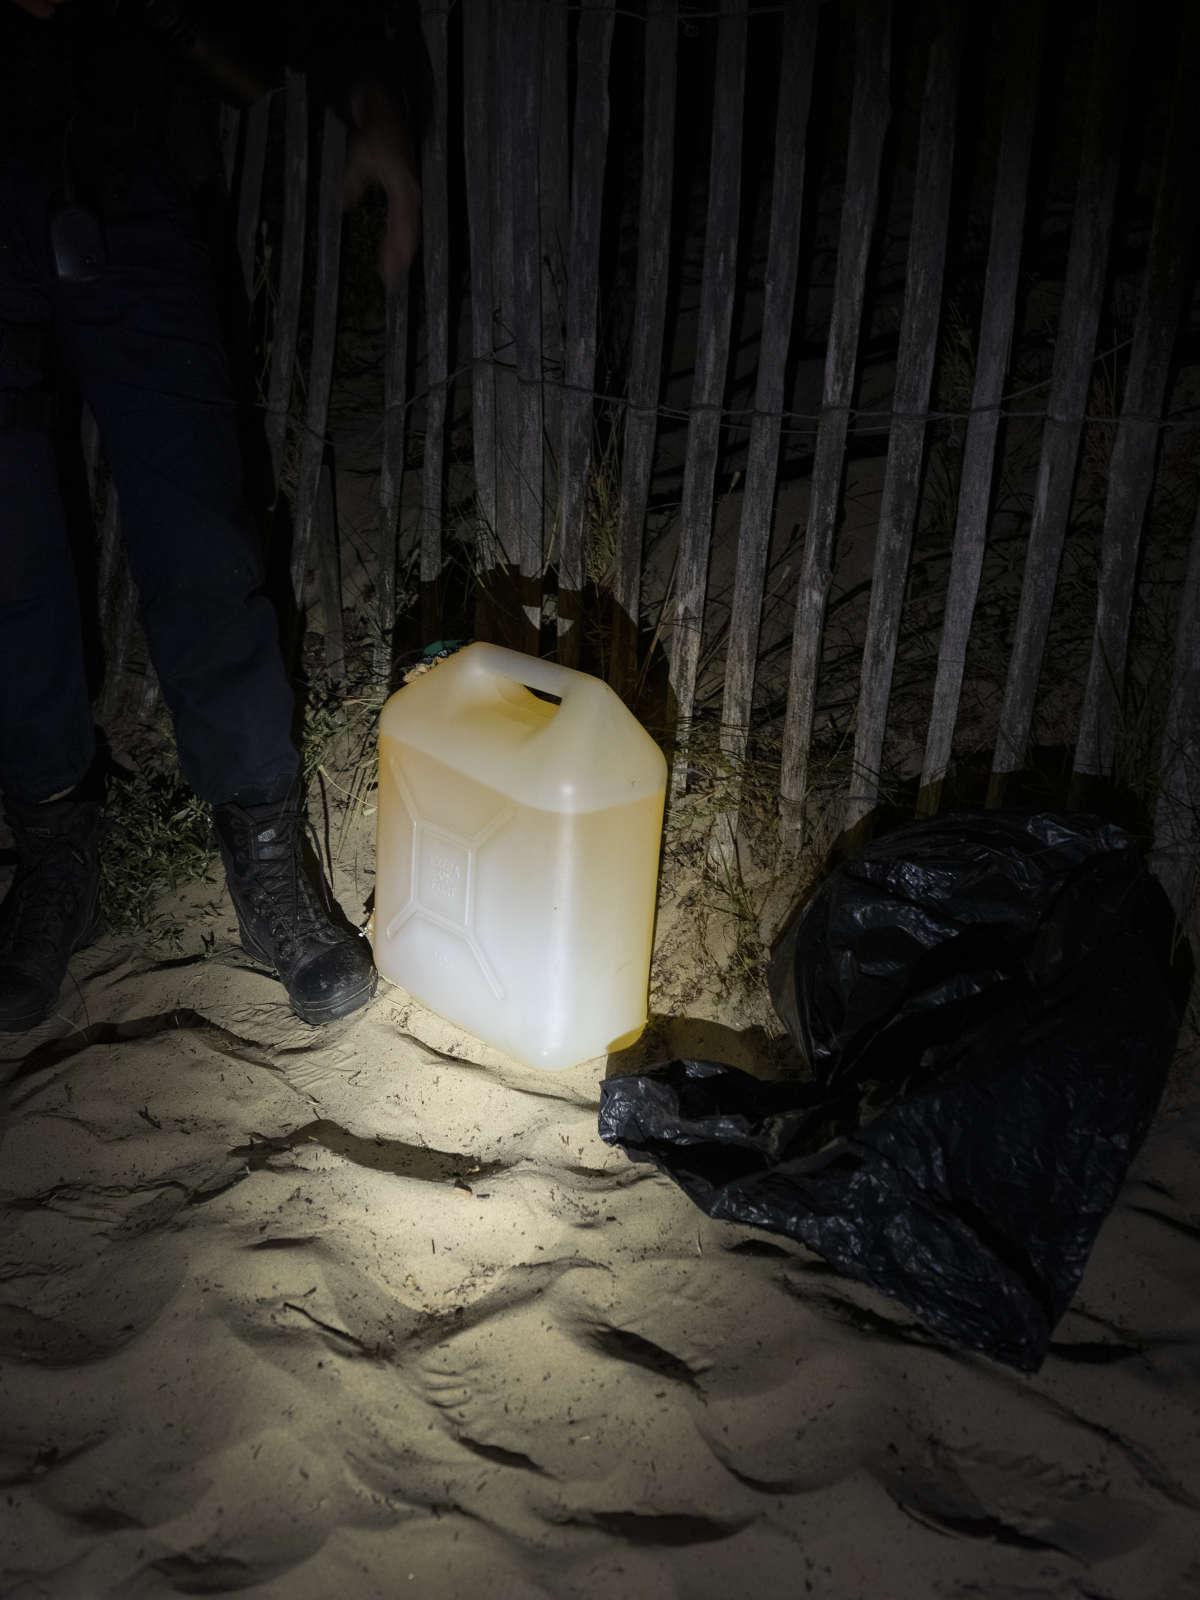 Un bidon d'essence dissimulé dans un sac poubelle est retrouvé dans une dune.